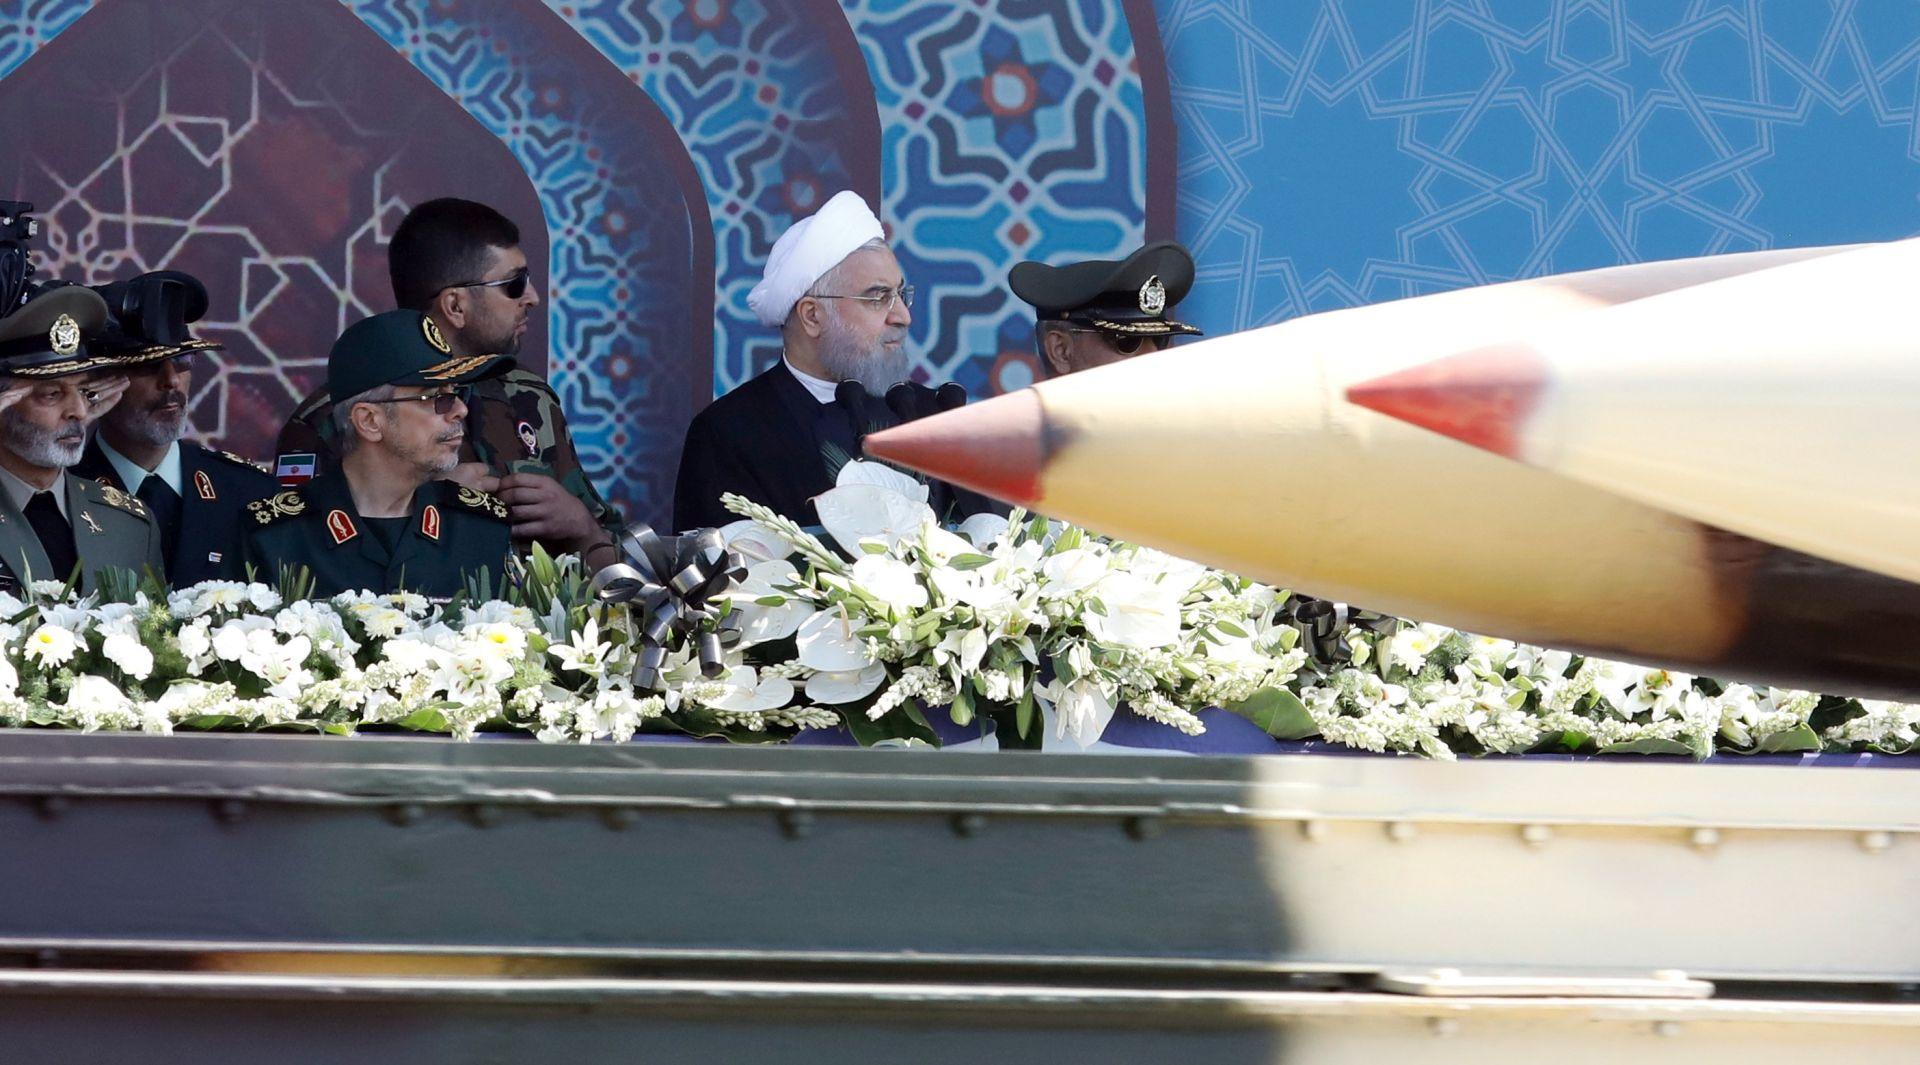 DRŽAVNI MEDIJI Iran uspješno testirao novi balistički projektil